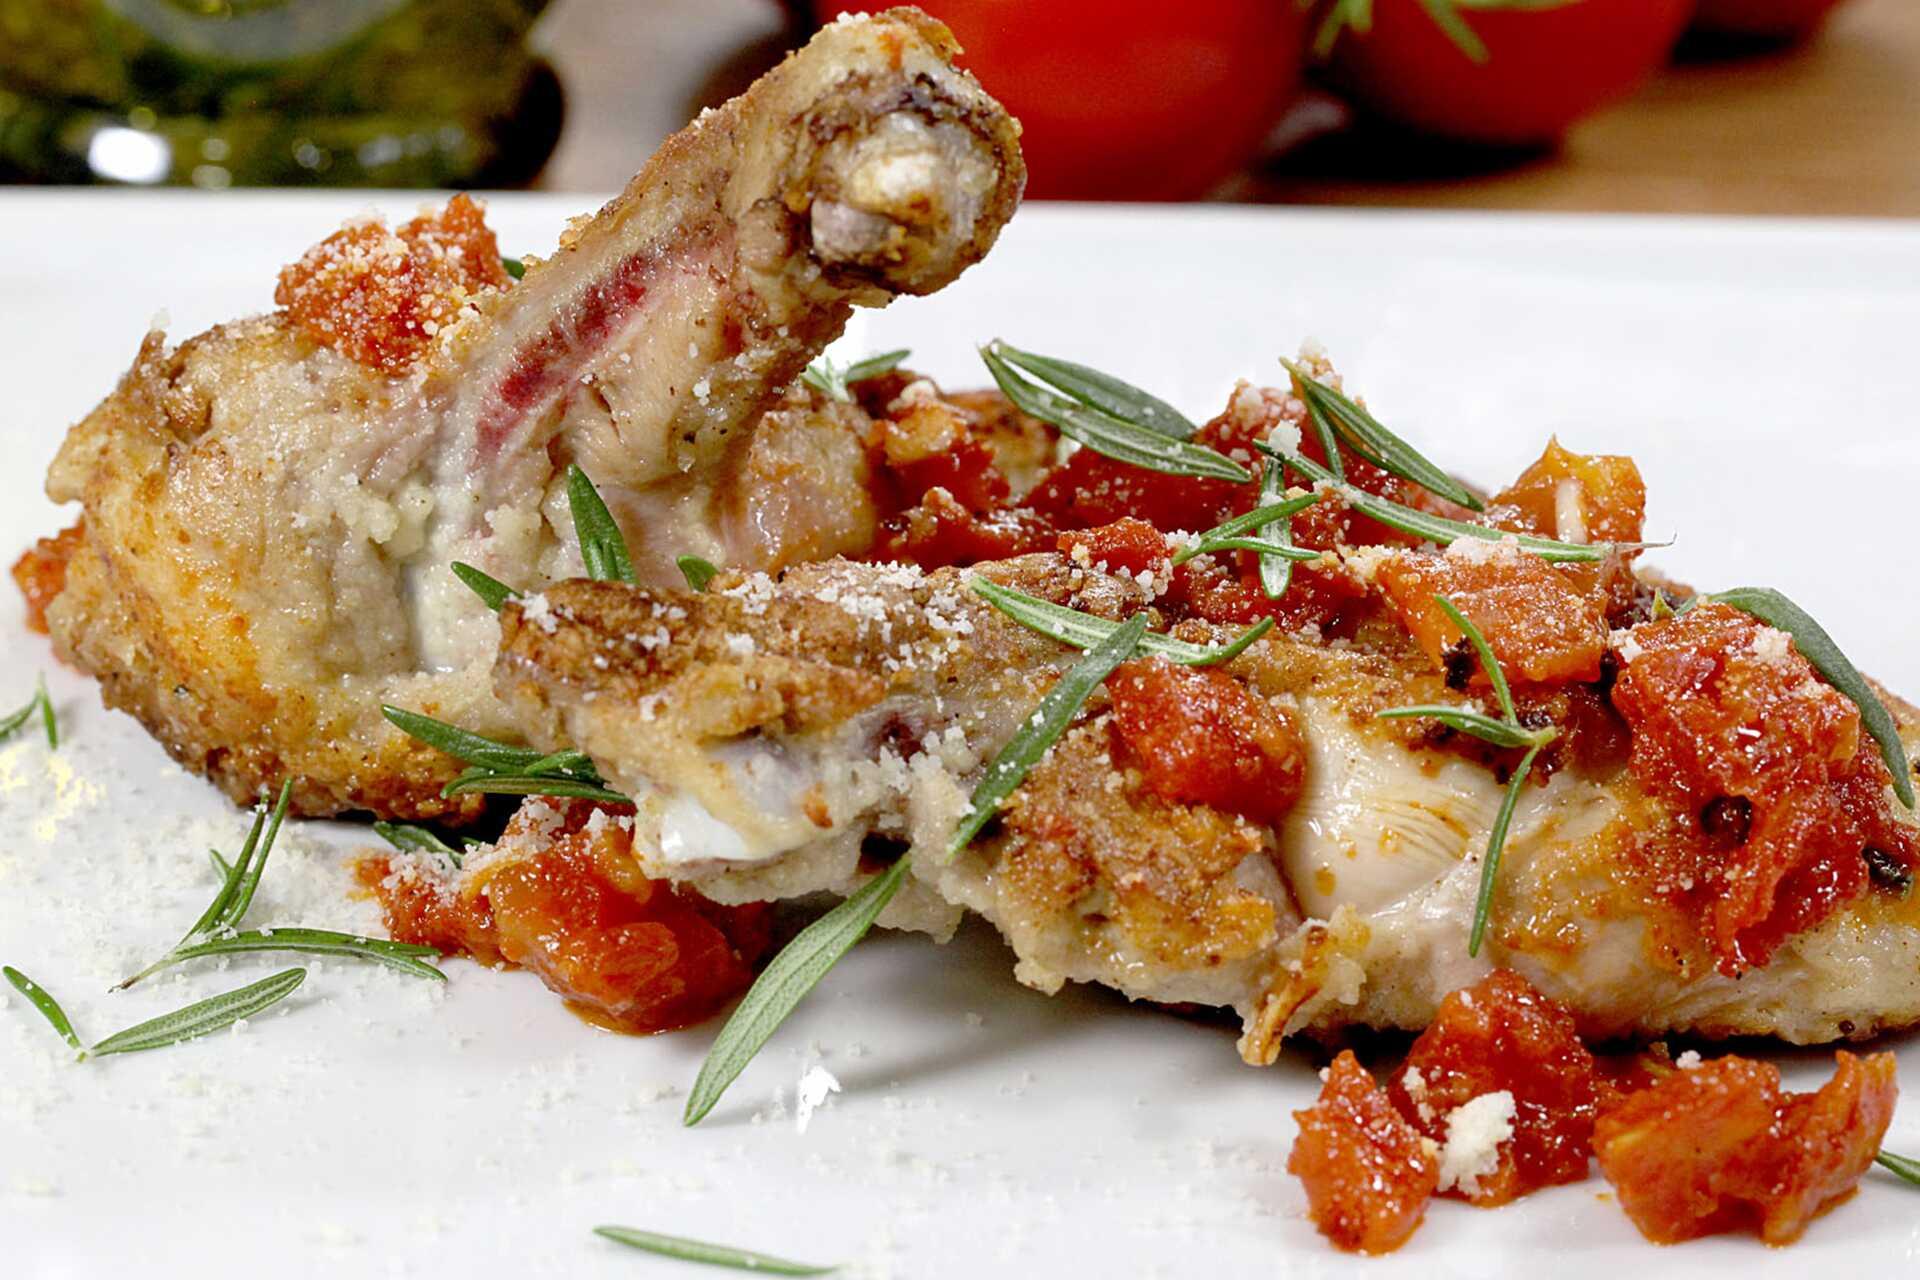 Parmesanlı Tavuk Tarifi! Parmesanlı Tavuk Tarifi Nasıl Yapılır?